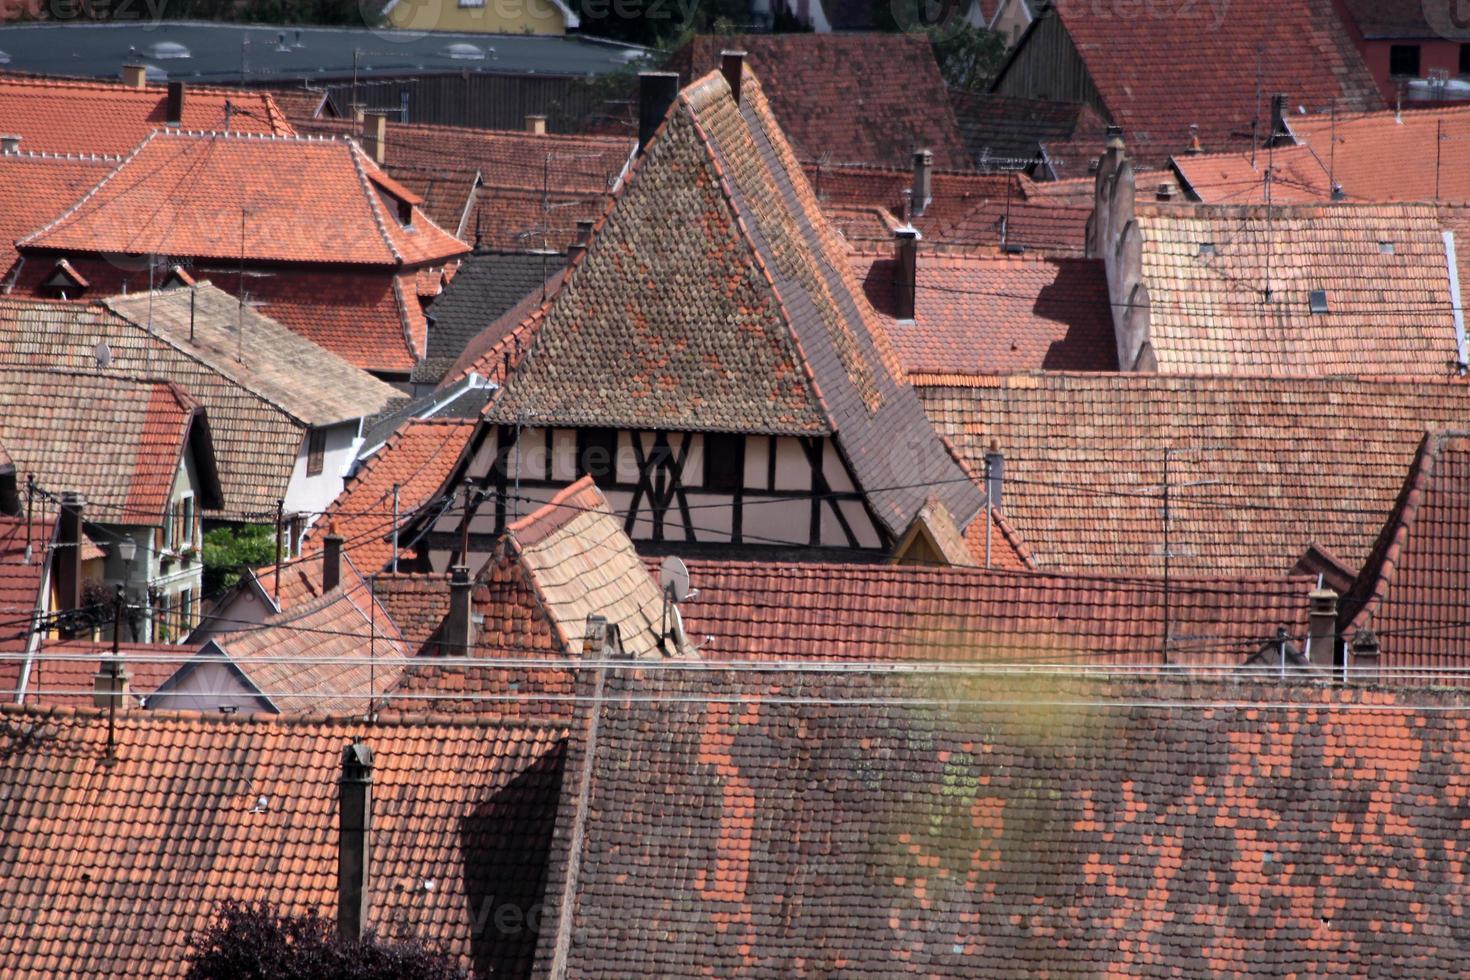 villaggio con tetti di tegole rosse foto